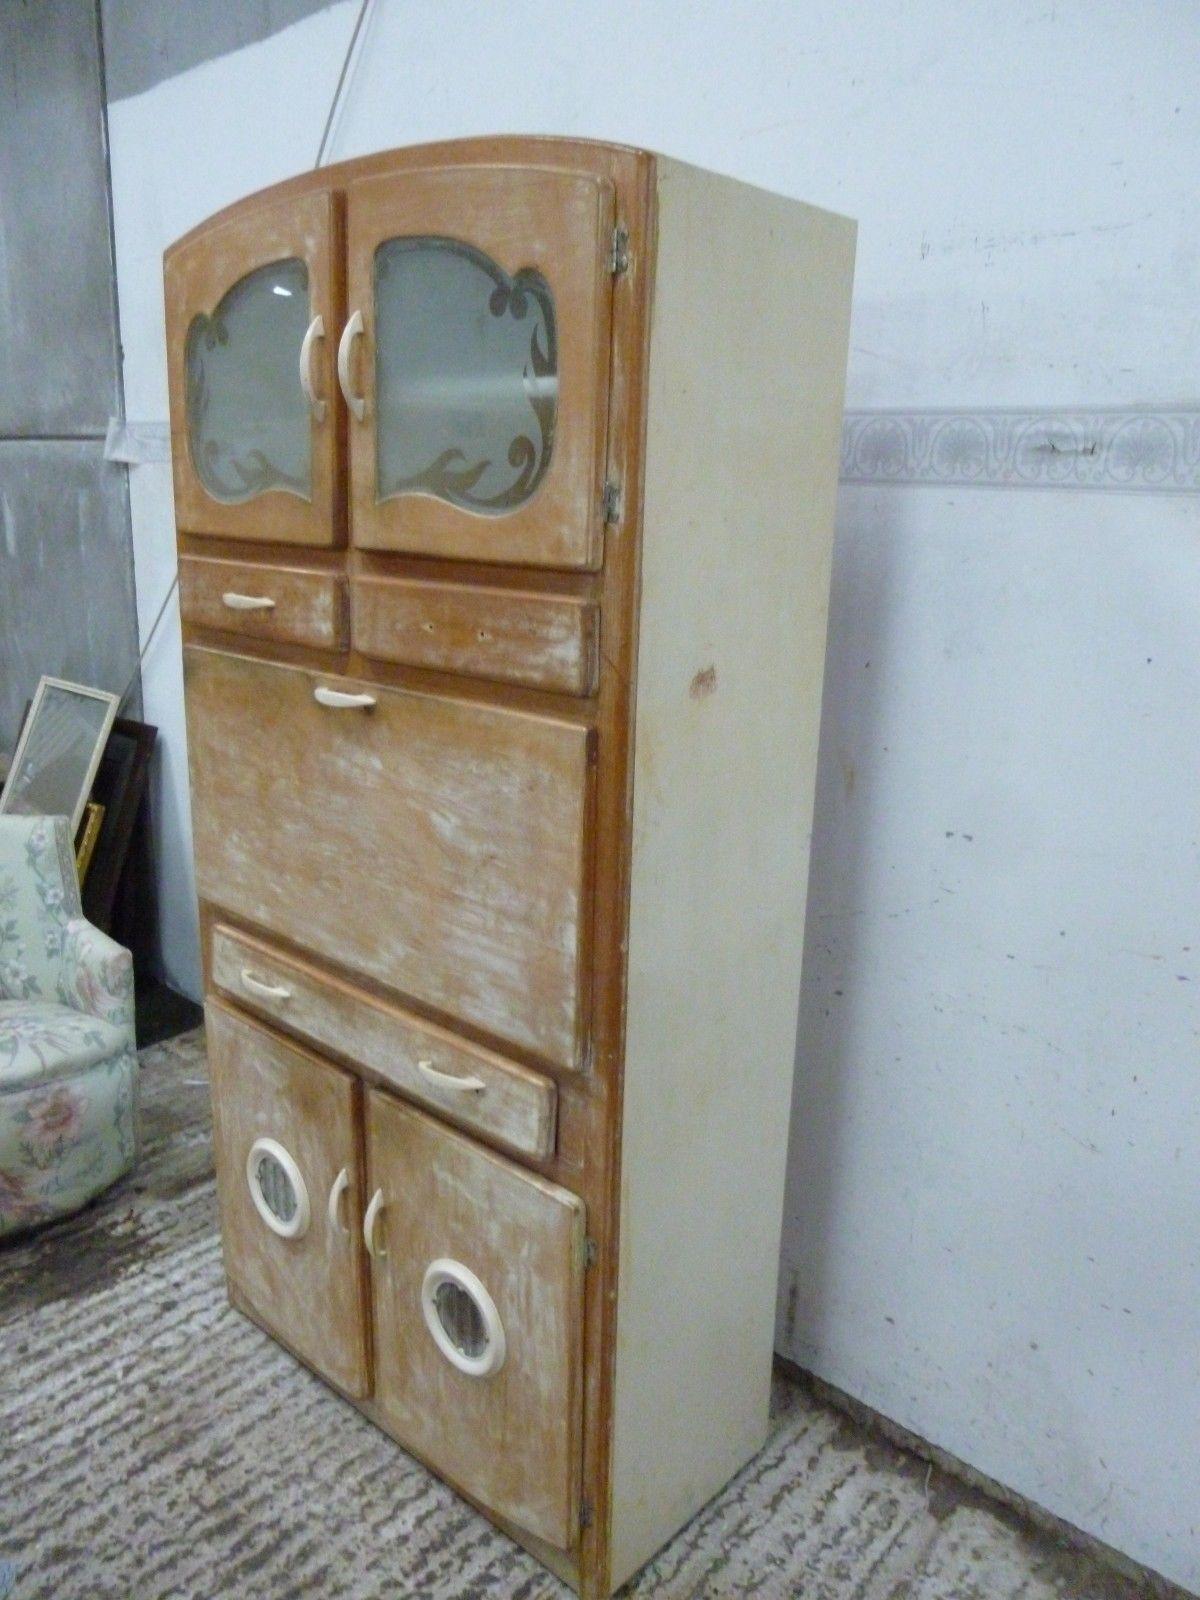 Vintage Retro 50 S 60 S Kitchenette Larder Unit Meat Safe Cabinet Ebay Larder Unit Vintage Kitchen Cabinets Retro Vintage